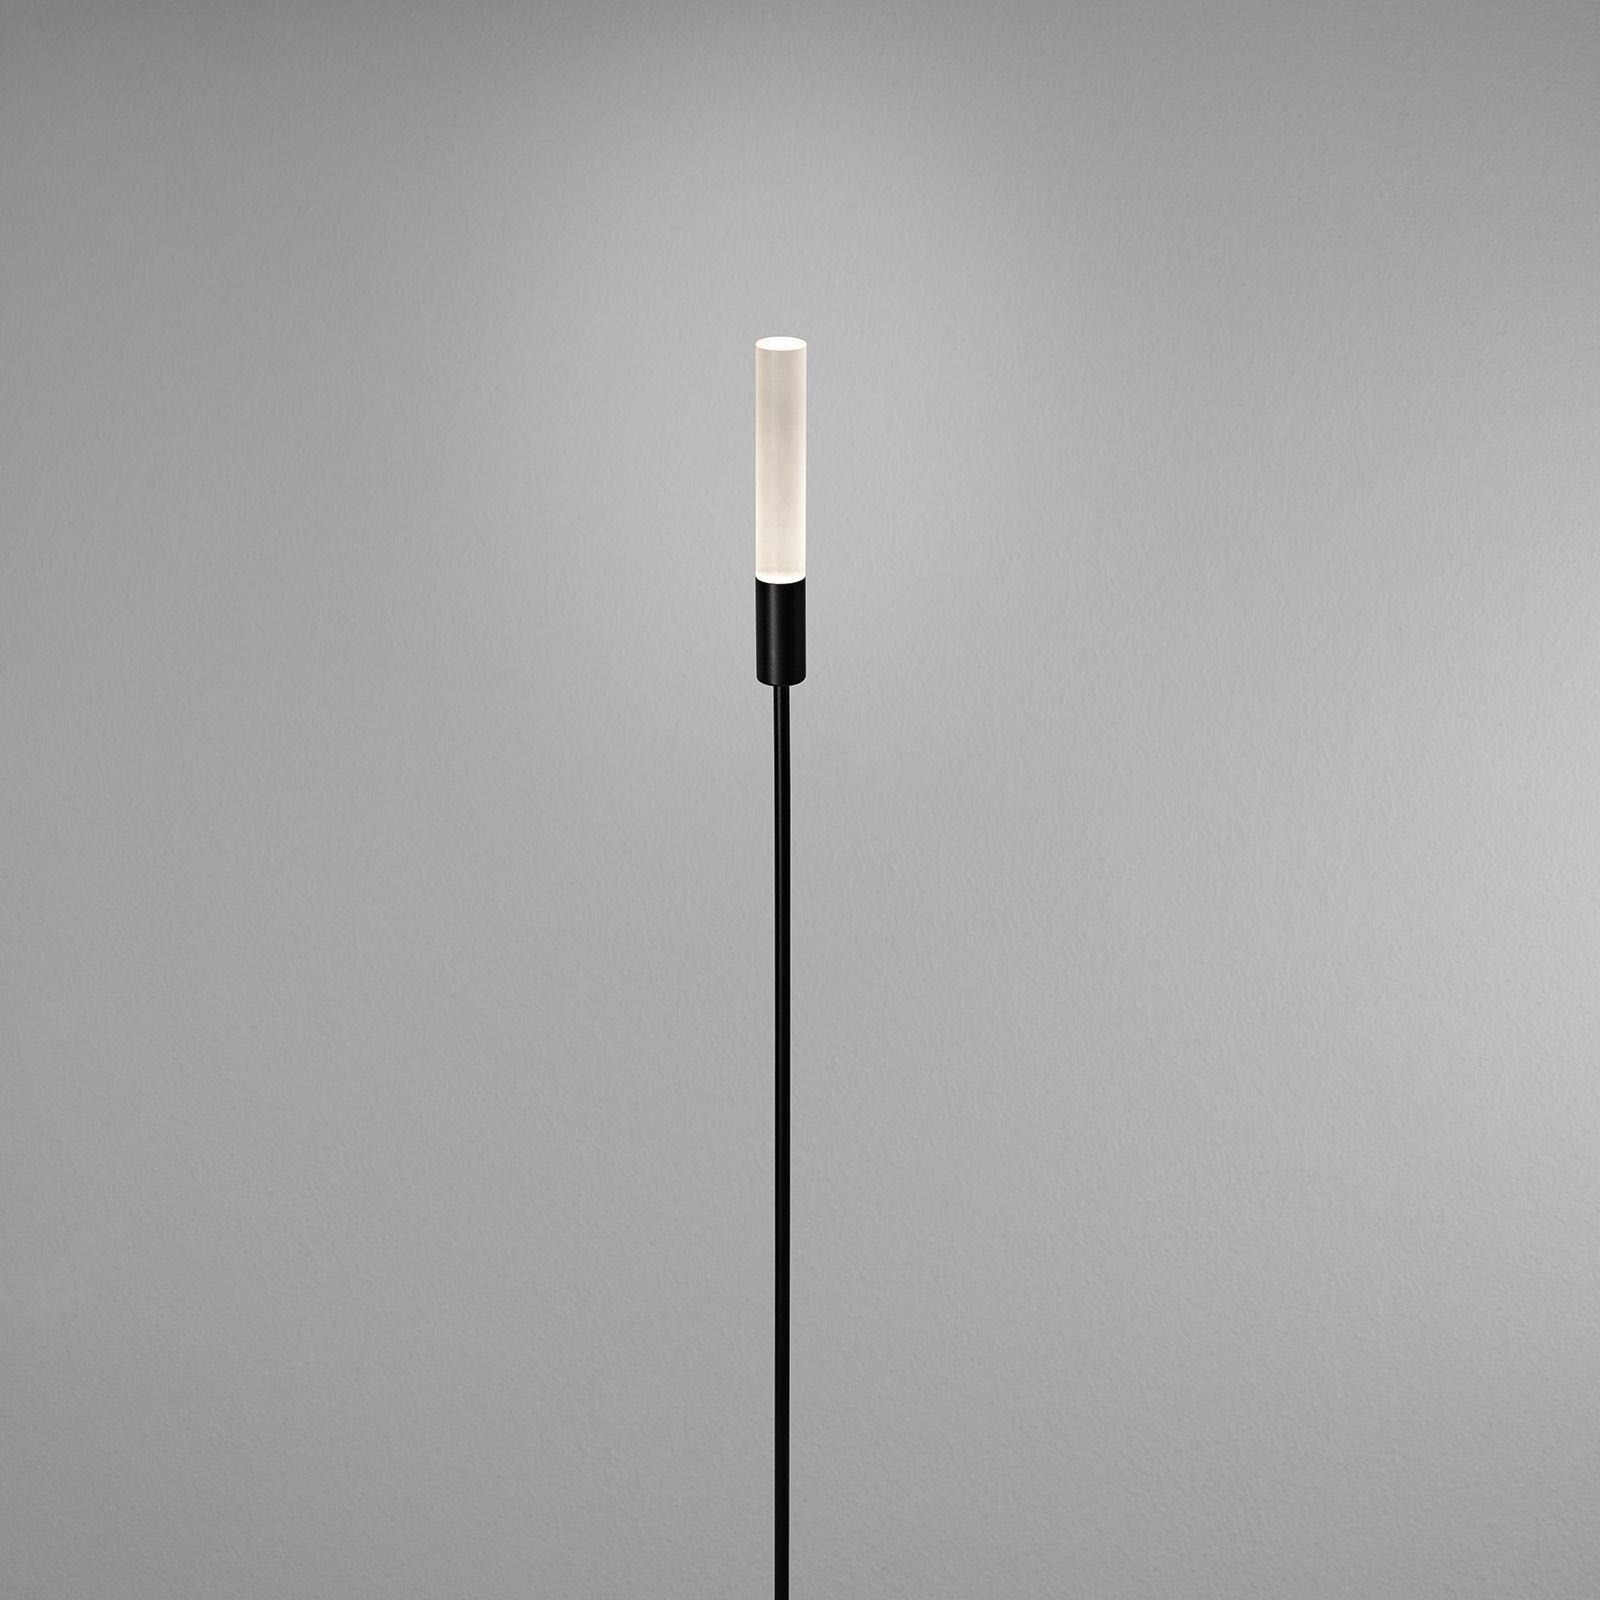 Egger Pisa LED-gadelampe med jordspyd